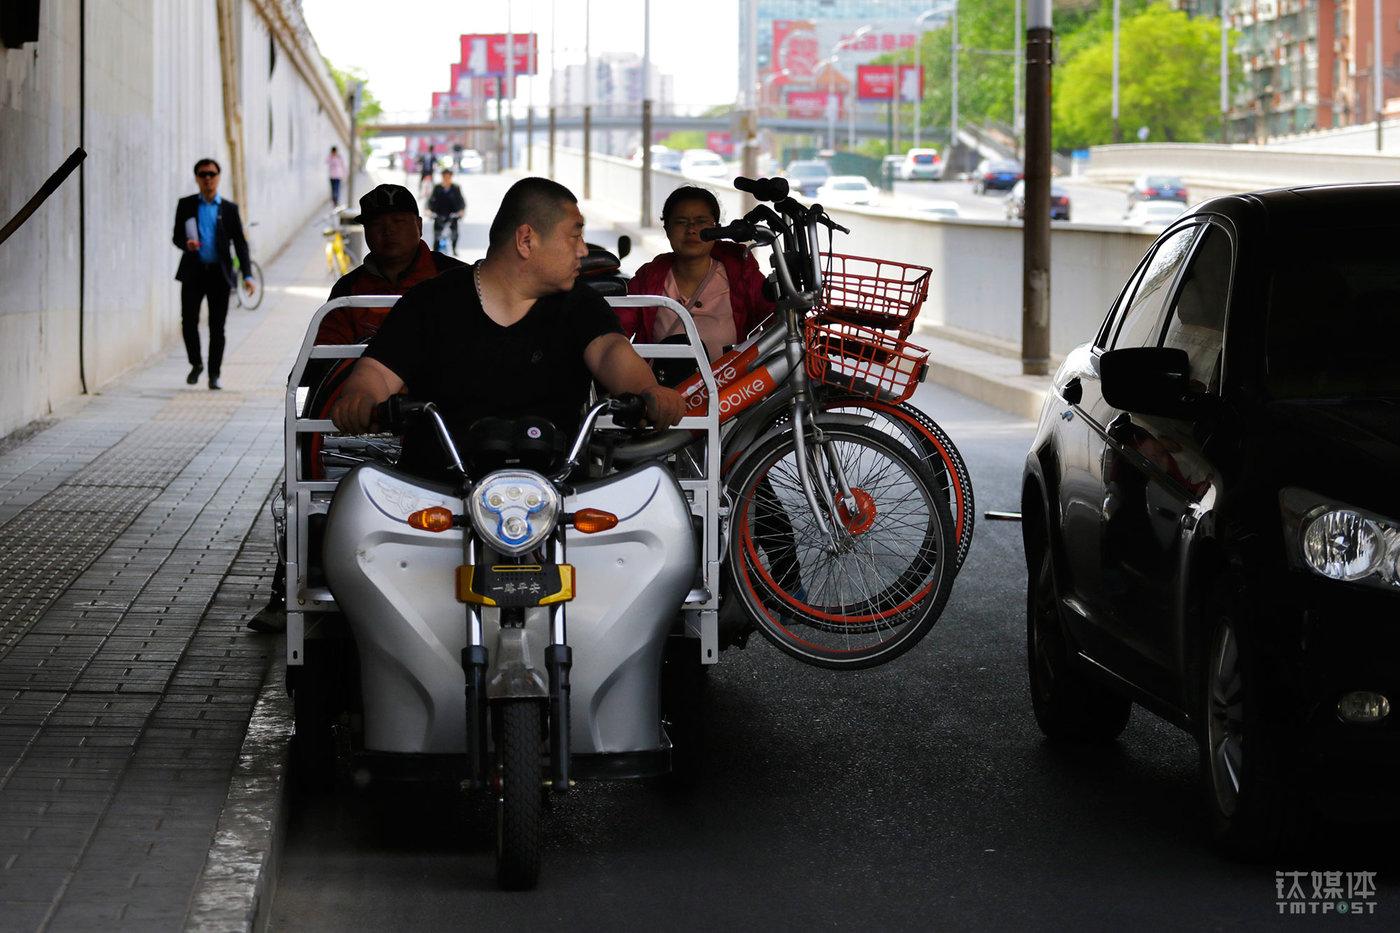 """载着单车经过一辆停靠的小汽车,大强放慢速度,回头紧盯着自己与小车的距离。行车路上,因为单车的前轮挂在外面,他最怕剐蹭行人和车辆,因为""""这个三轮没有保险,万一发生刮擦挺麻烦""""。"""